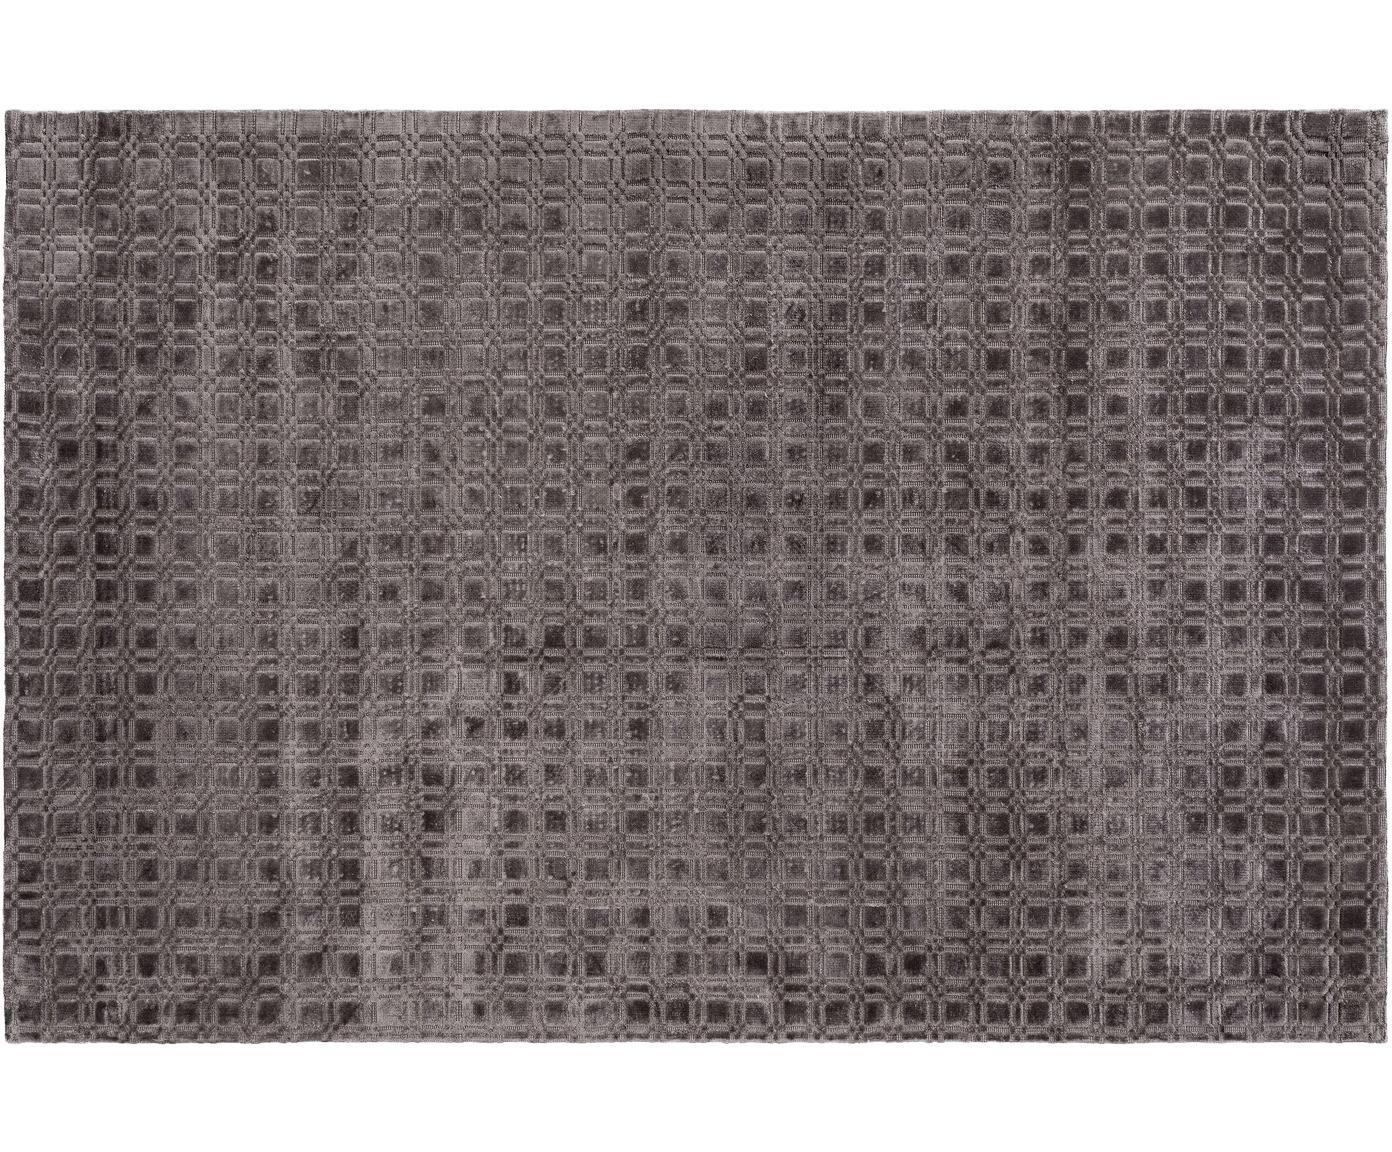 Ręcznie tkany dywan z wiskozy Nelson, Wiskoza, Szary, S 140 x D 200 cm (Rozmiar S)